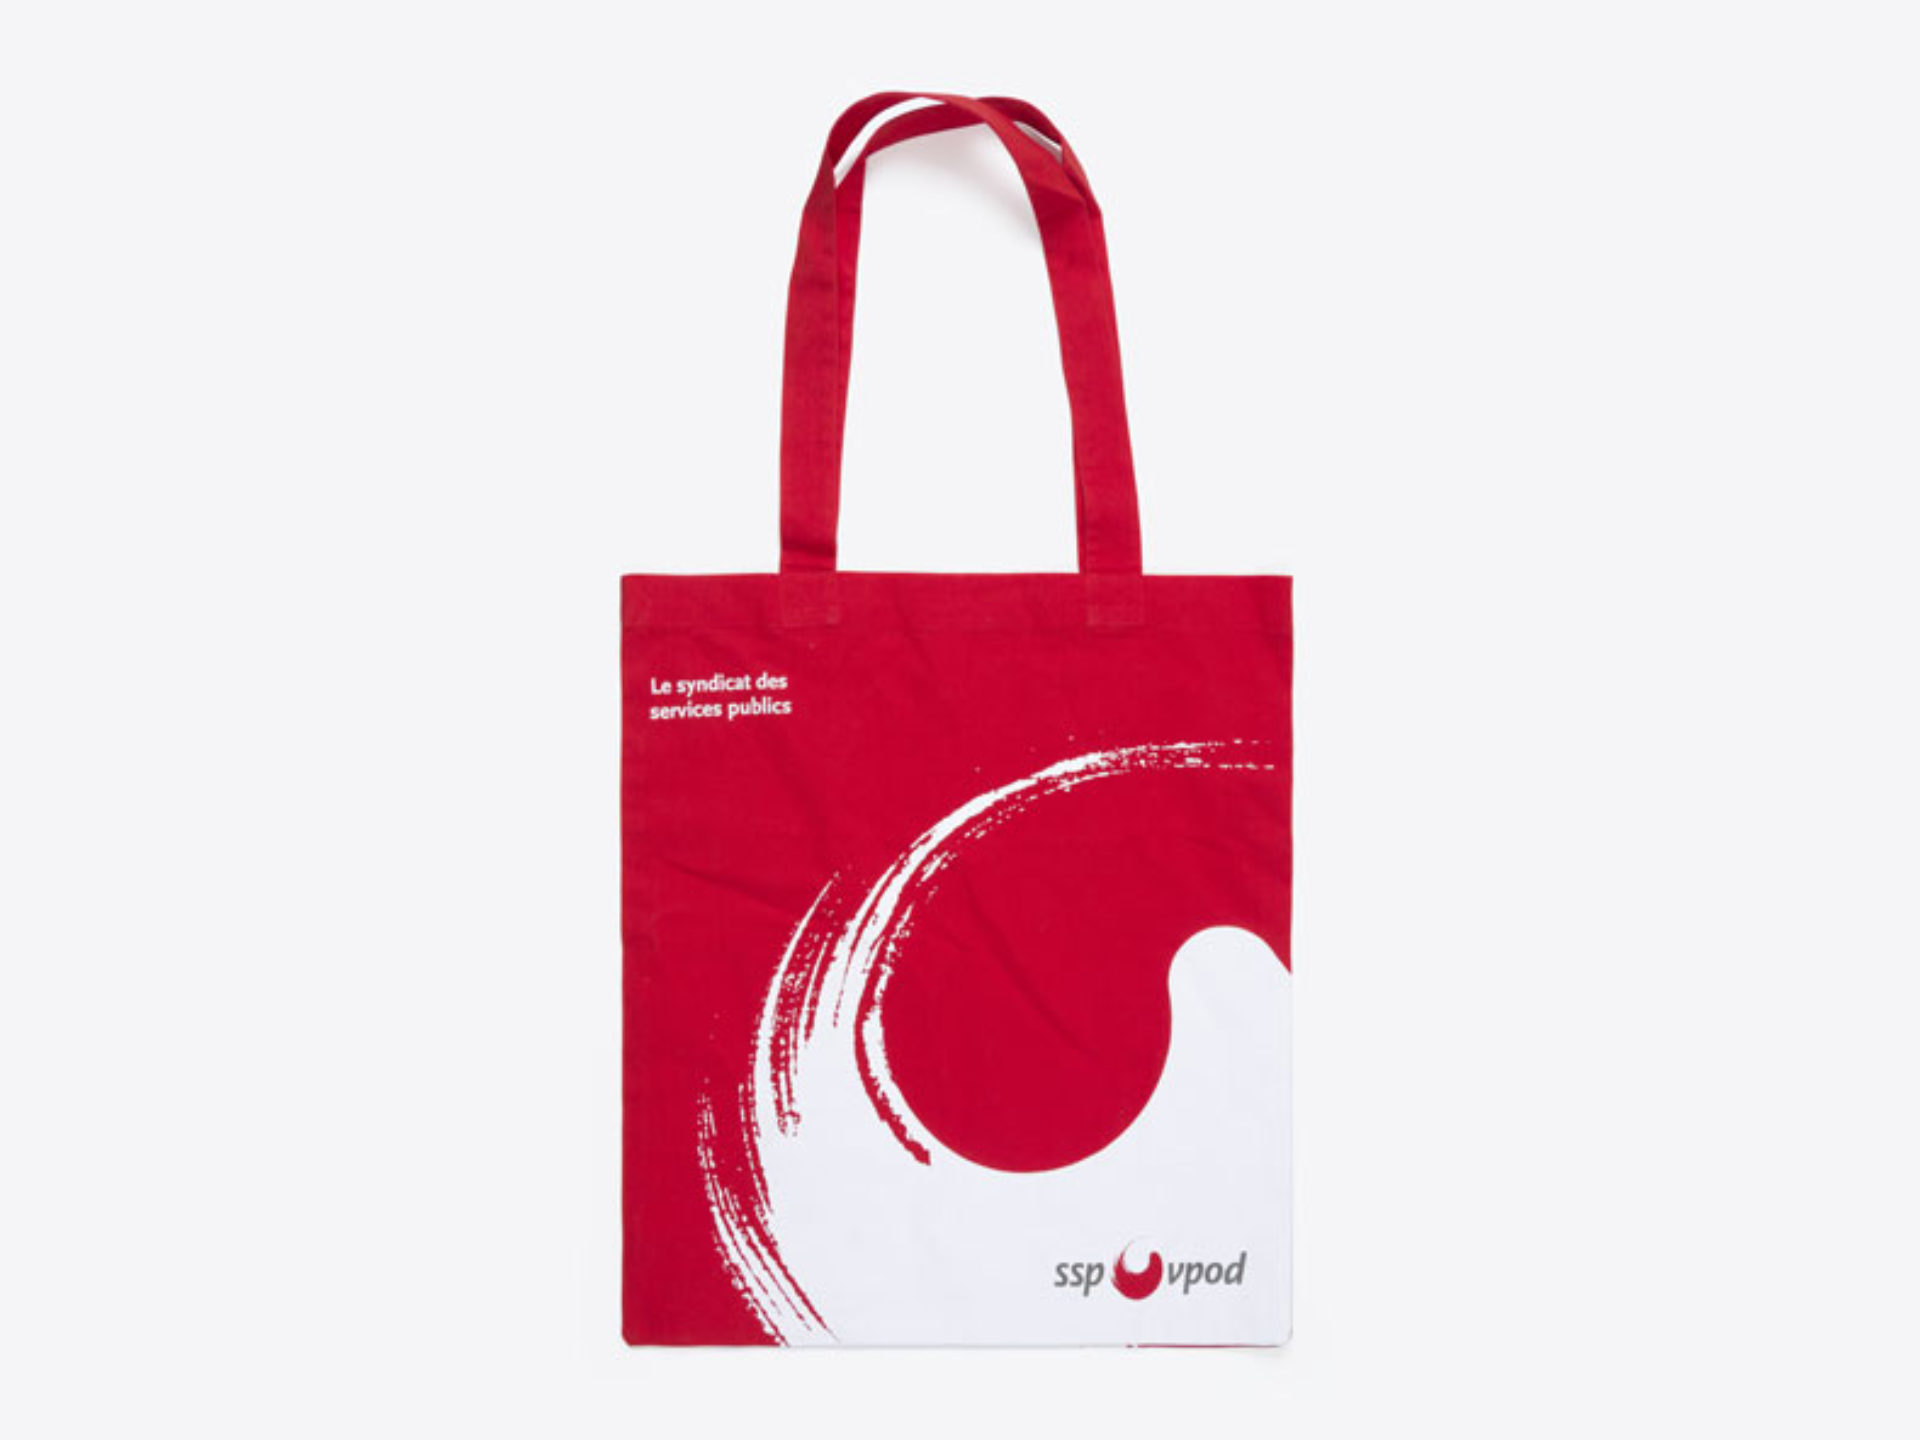 Stoff Tasche Tote Bag Mit Logo Bedruckt Vpod